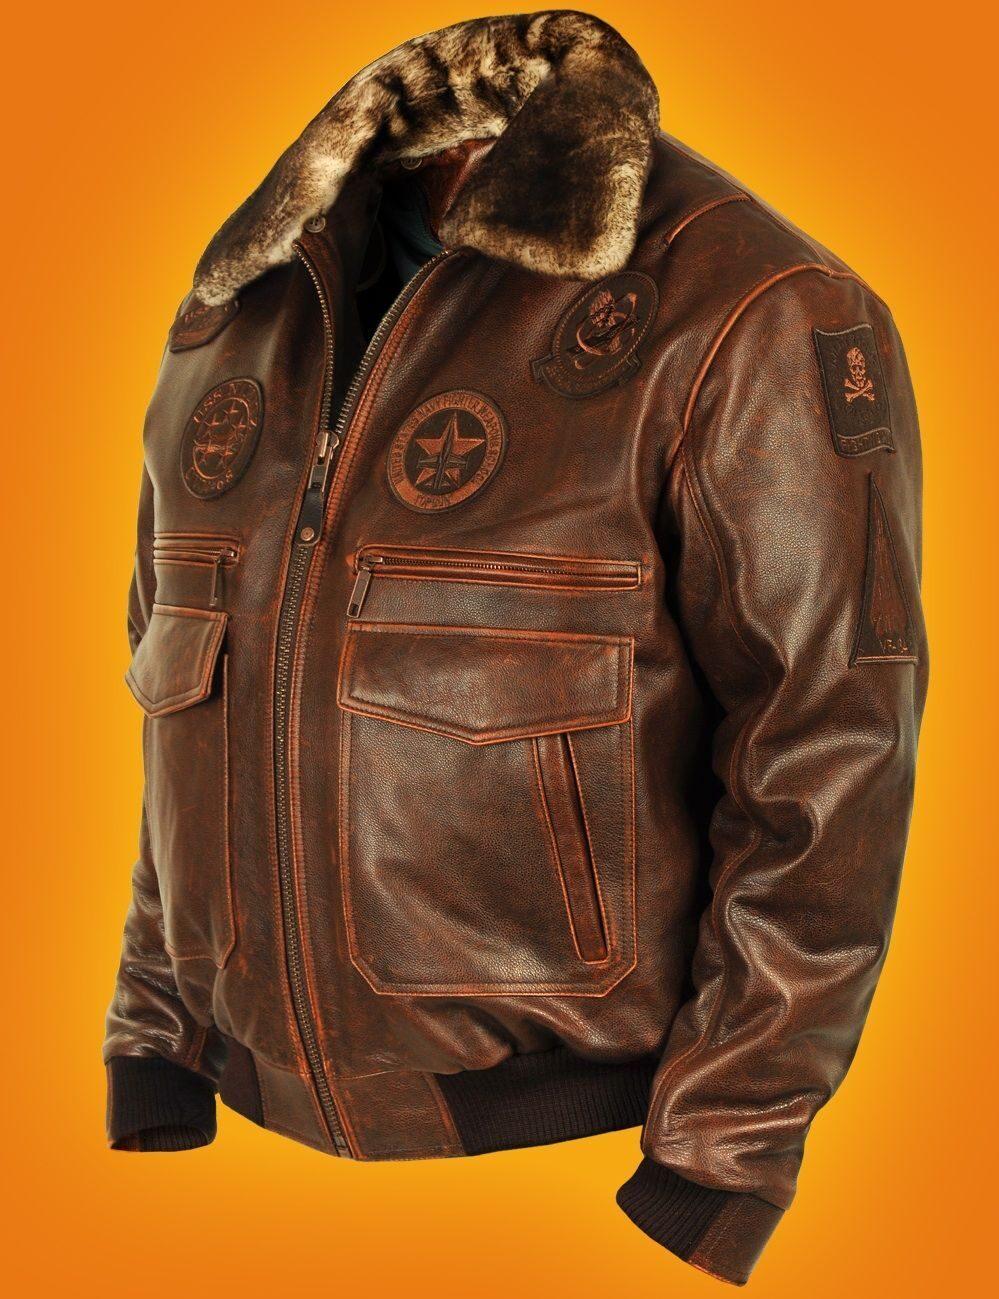 Кожаные лётные куртки военно-воздушных сил (ВВС) СССР и США Полезное 855fc2c9e57